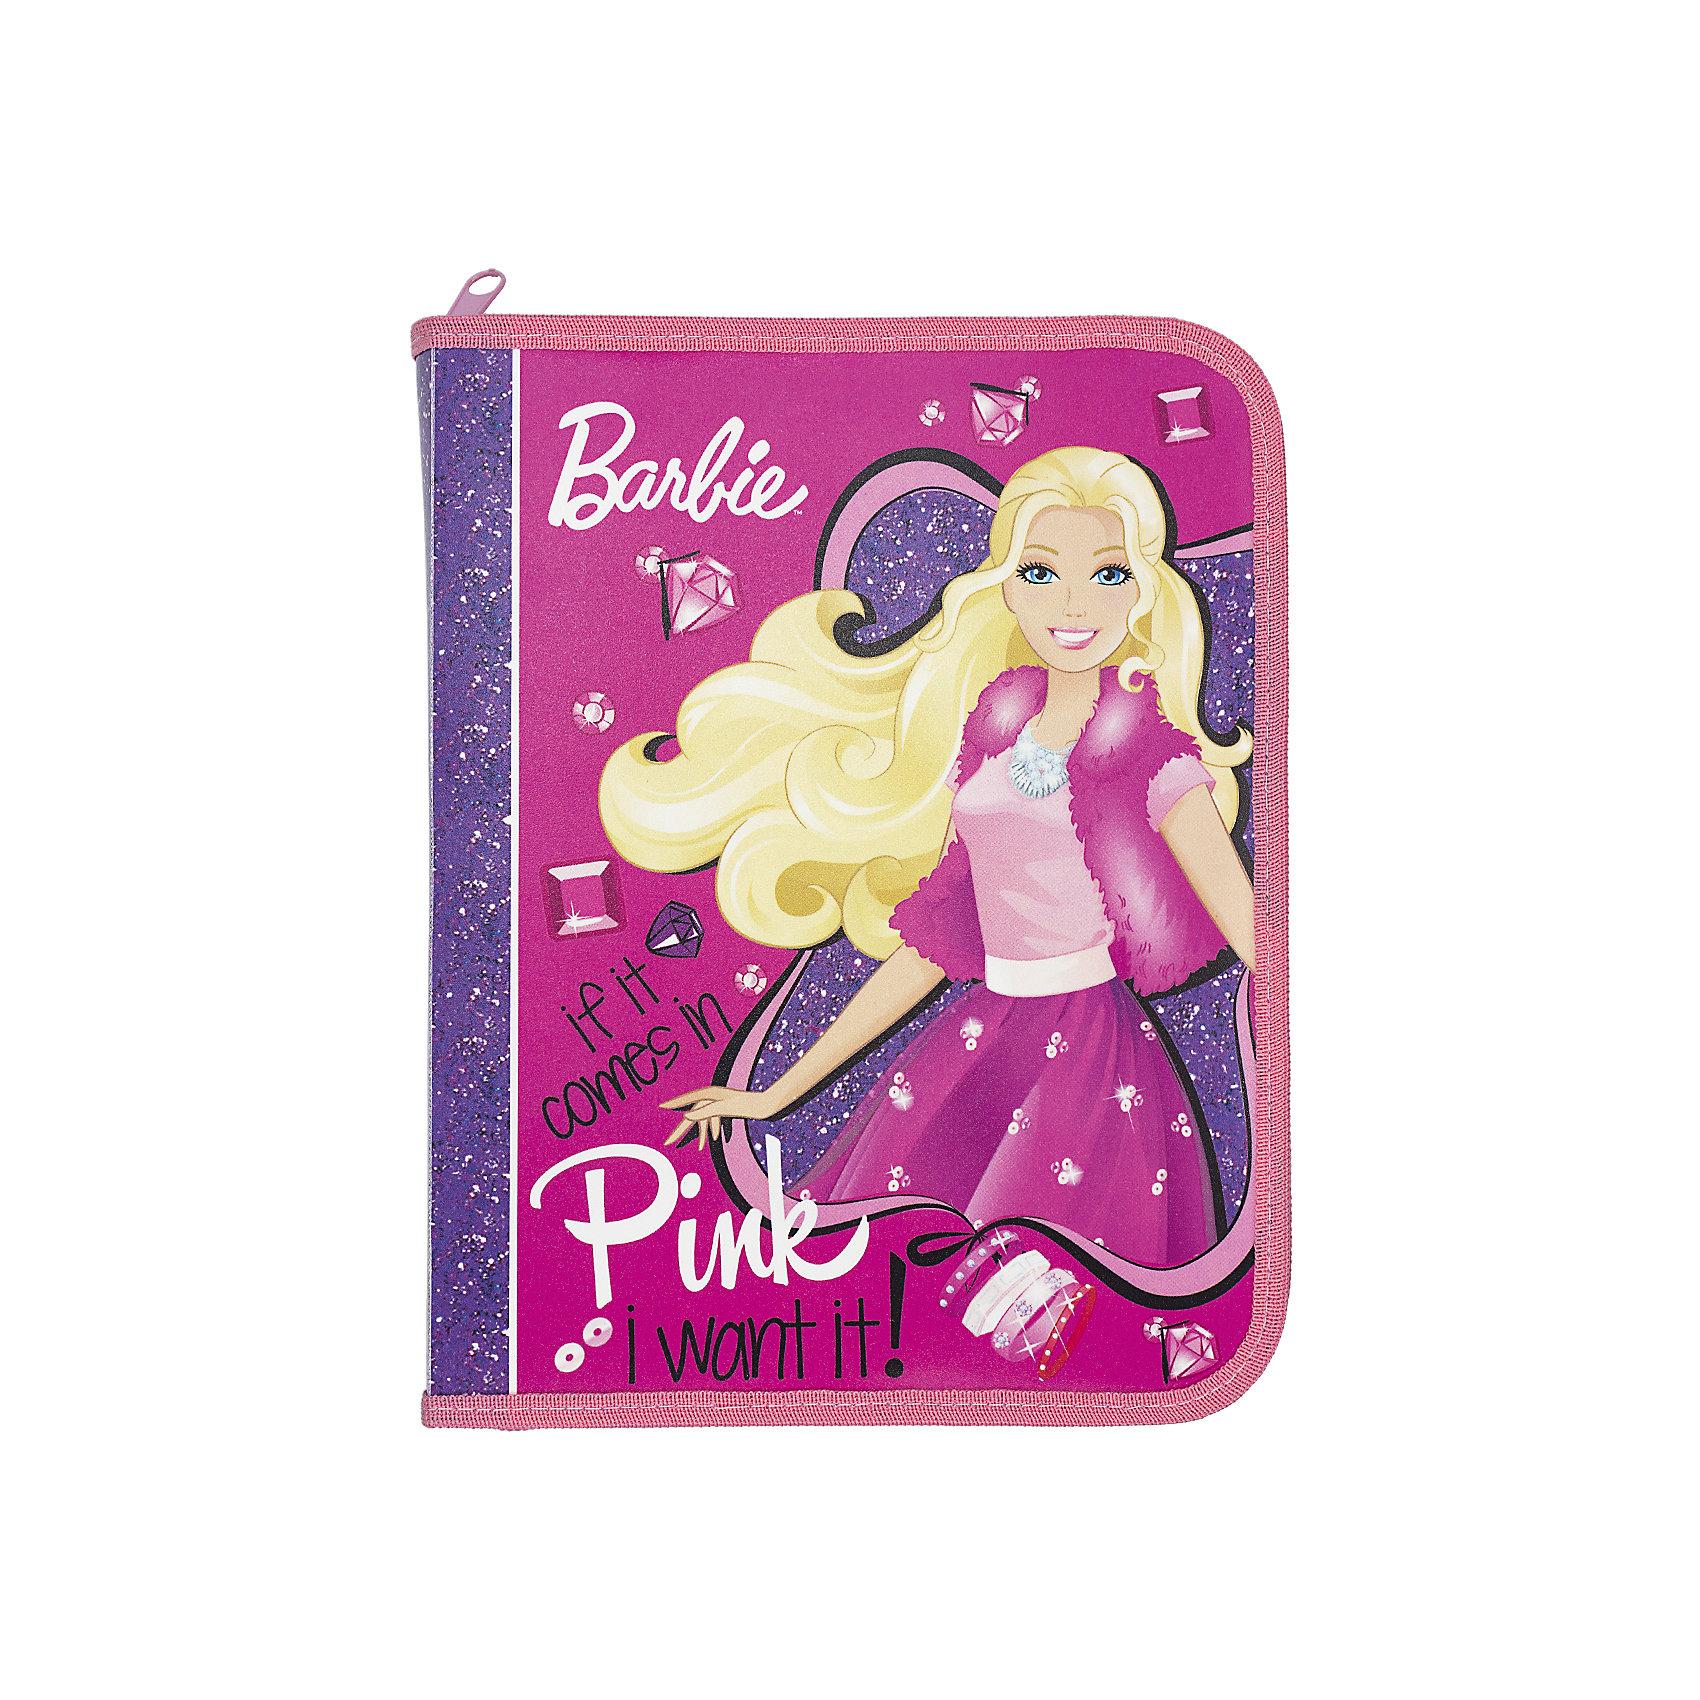 Папка для тетрадей Kinderline BarbieПапки для тетрадей<br>Характеристики товара:<br><br>• размер: 24х18,5х2,5 см;<br>• формат: А5;<br>• застегивается на молнию;<br>• возраст: от 5 лет;<br>• материал: полипропилен;<br>• вес: 56 грамм;<br>• страна: Китай.<br><br>Папка Barbie предназначена для хранения и транспортировки тетрадей, канцелярских принадлежностей и других предметов.<br><br>Папка изготовлена из полипропилена, надежно защищающего тетради и документы от повреждений. Основное отделение папки застегивается на молнию. Лицевая сторона оформлена красочным изображением Барби.<br><br>Barbie (Барби) Папка д/тетрадей Размер 24 x 18,5 x 2,5 см можно купить в нашем интернет-магазине.<br><br>Ширина мм: 240<br>Глубина мм: 185<br>Высота мм: 25<br>Вес г: 56<br>Возраст от месяцев: 72<br>Возраст до месяцев: 2147483647<br>Пол: Женский<br>Возраст: Детский<br>SKU: 6892492